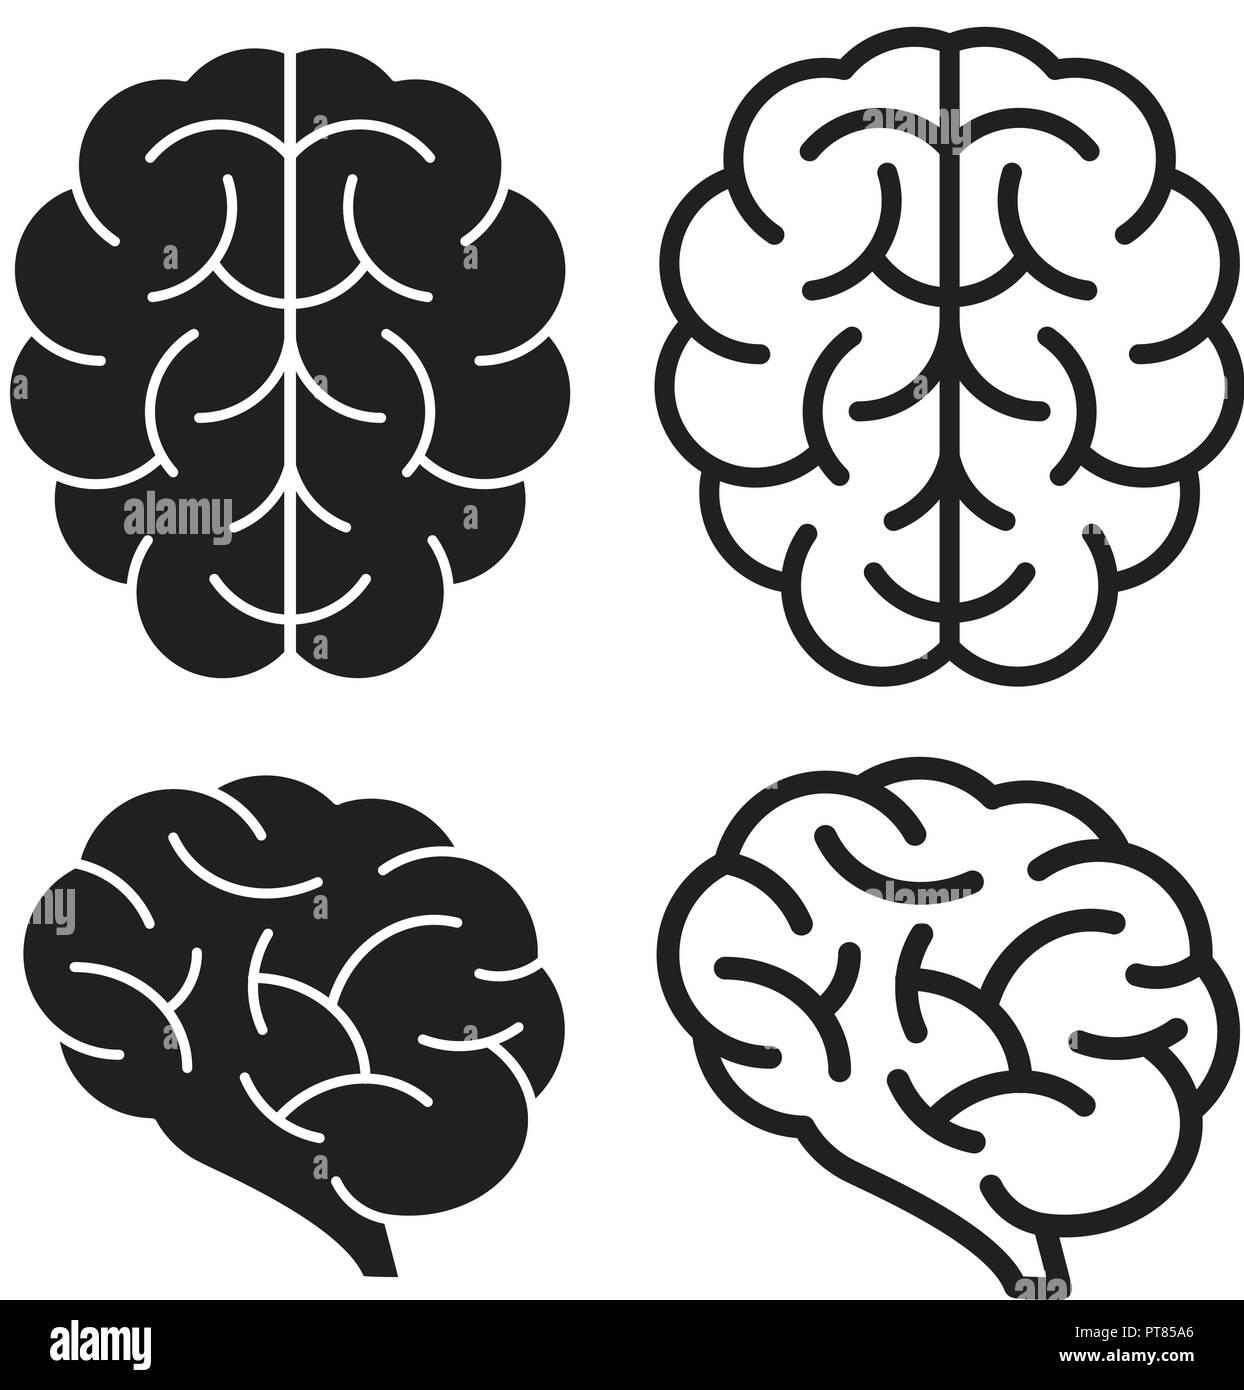 Cerveau humain vecteur icônes isolé sur fond blanc pour la santé psychologie illustrations. ligne mince cerveau conception godronné Photo Stock